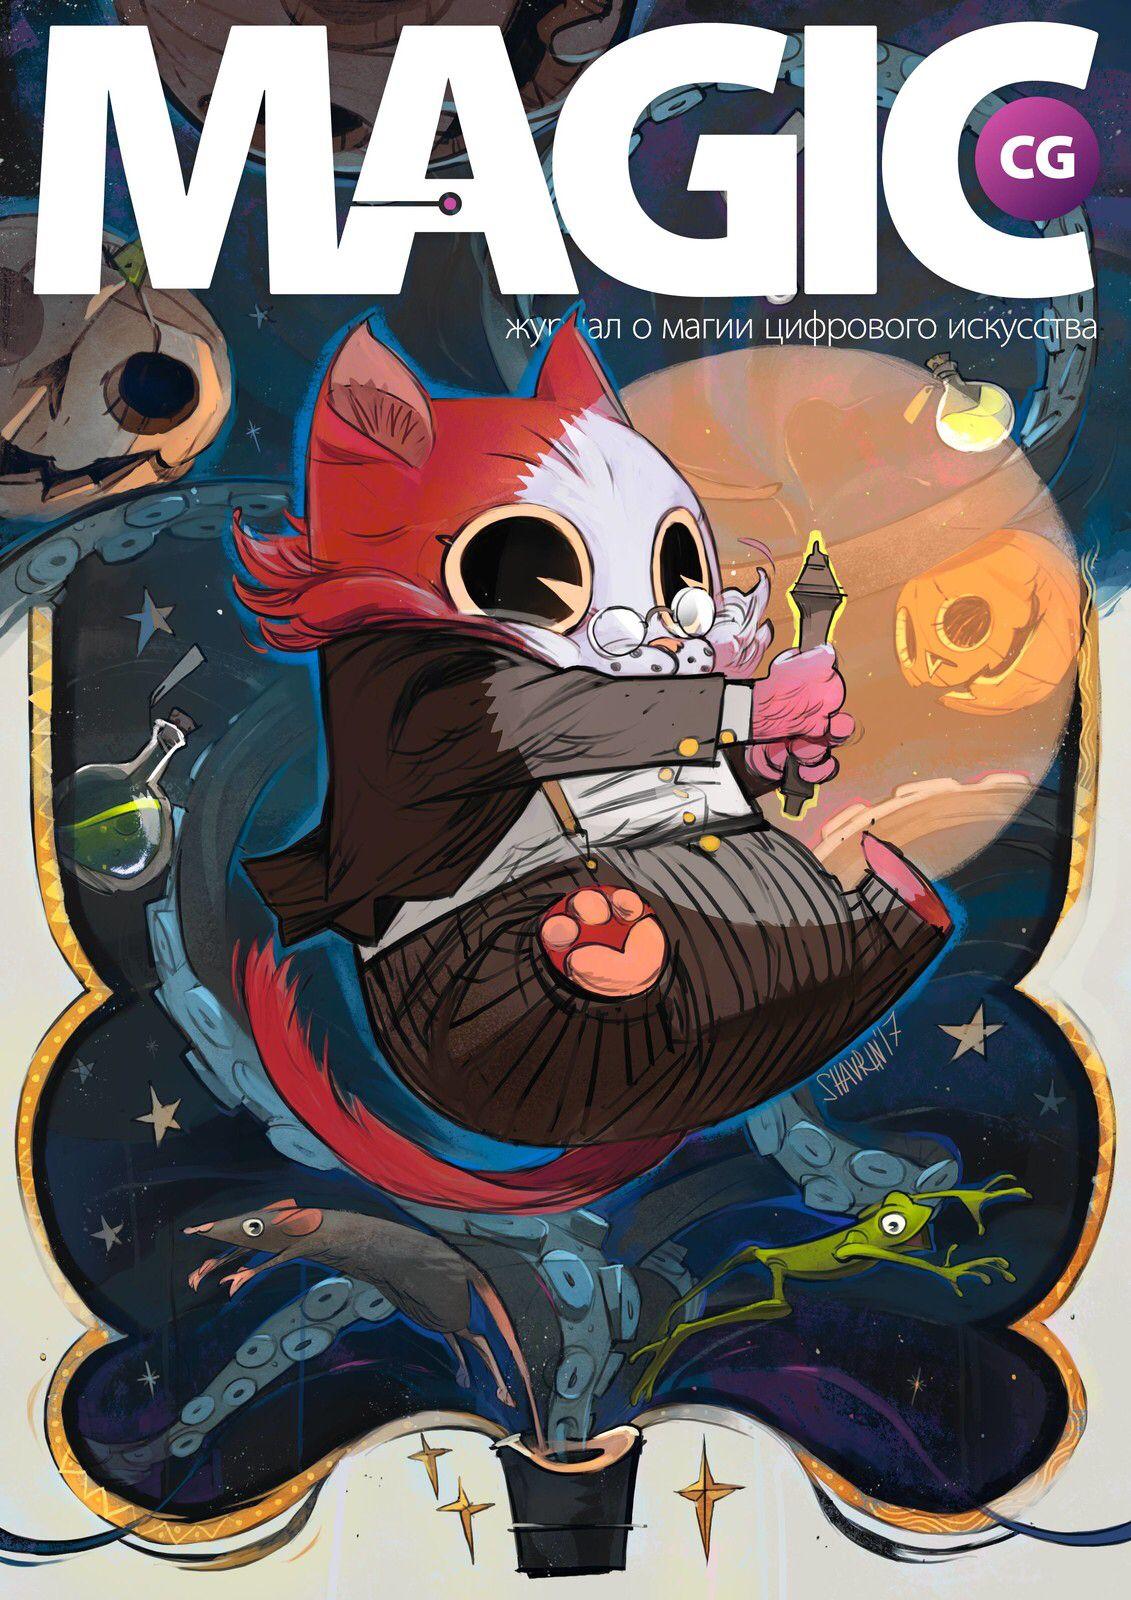 Ivan shavrin graphic novel art illustration character